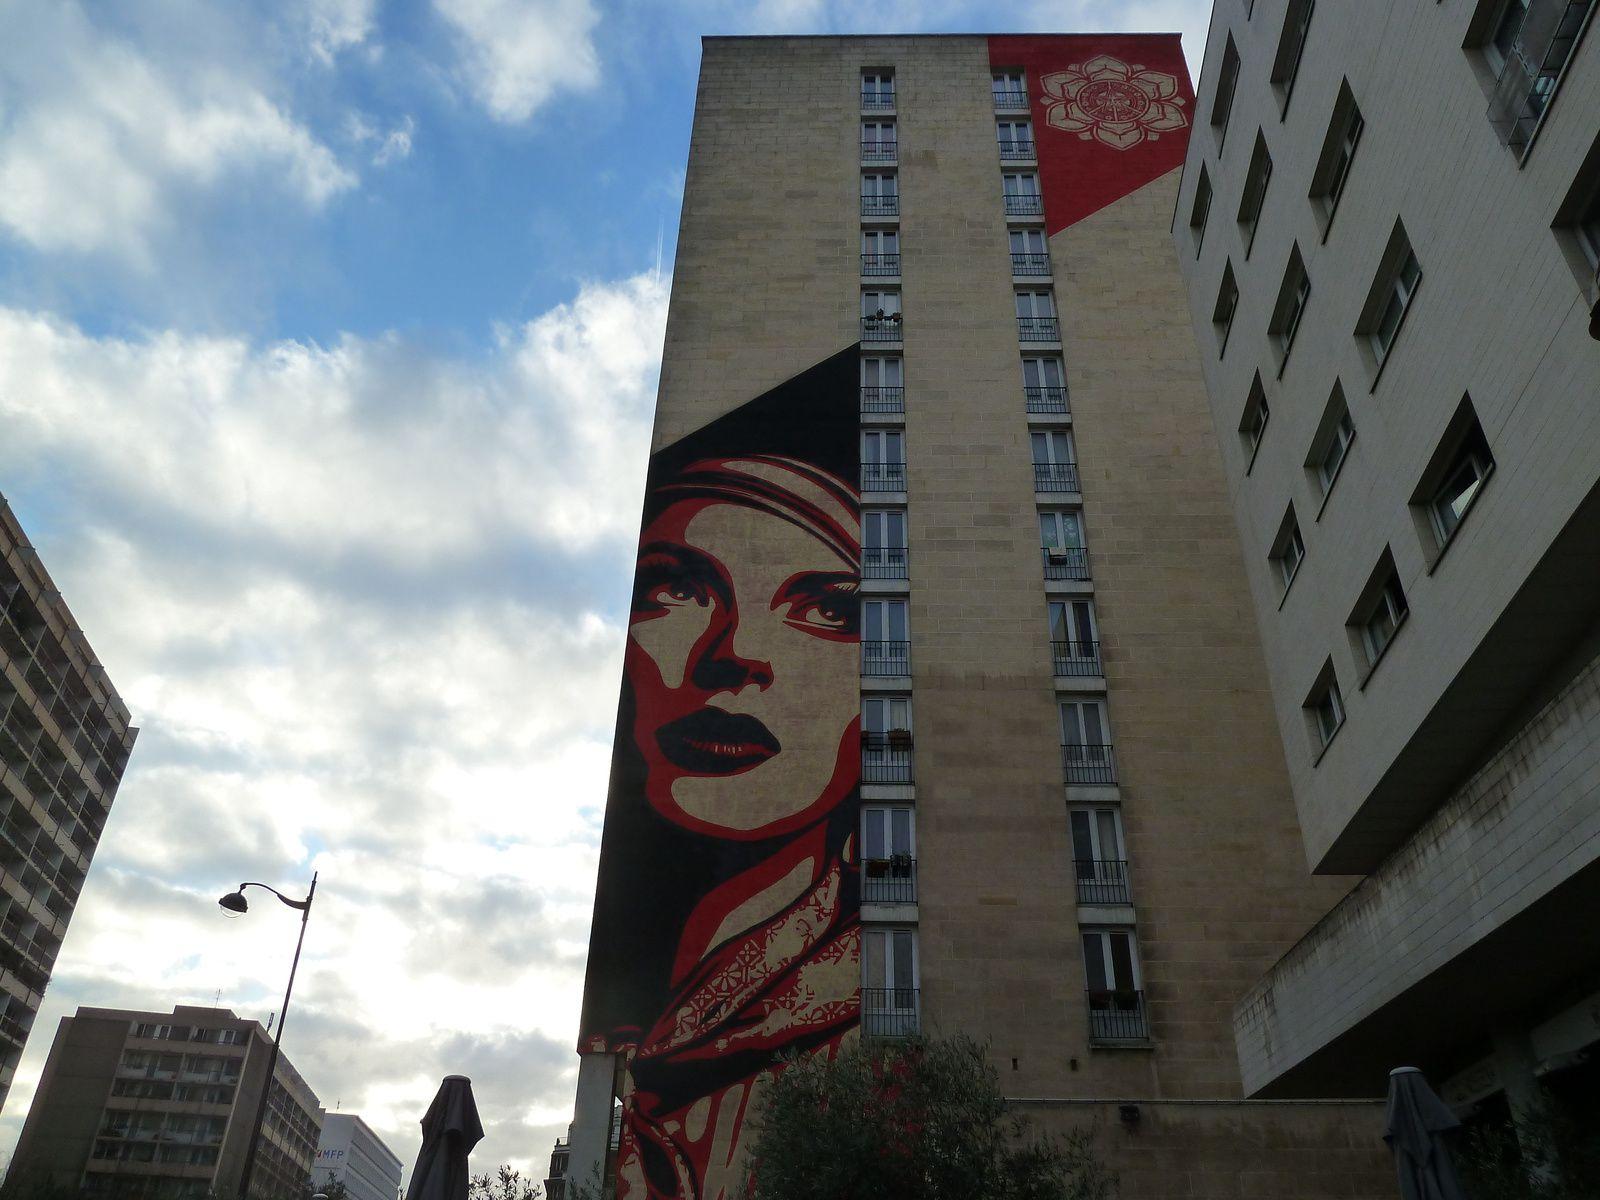 Œuvre de l'artiste américain Shepard Fairey aka Obey. Il s'agit d'un immenseportrait de femme, doublé d'une grosse fleur, symbole de paix, qui ornent un mur à l'angle de la rue Jeanne d'Arc et du boulevard Vincent Auriol depuis juin 2012.